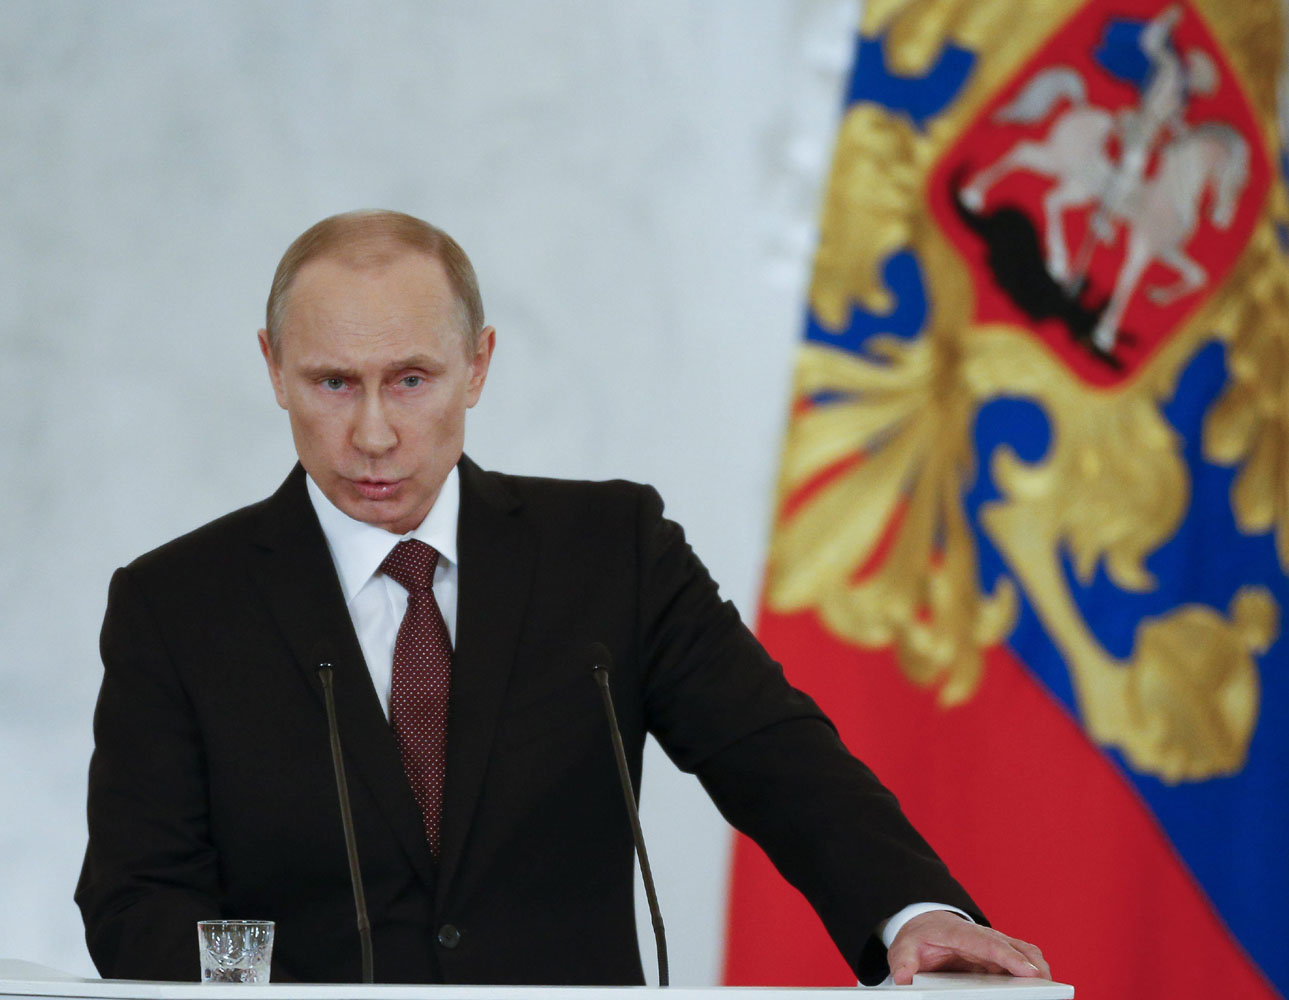 El mandatario ruso prometió apoyar al gobierno iraquí en su lucha contra el terrorismo, sobretodo contra el Estado Islámico